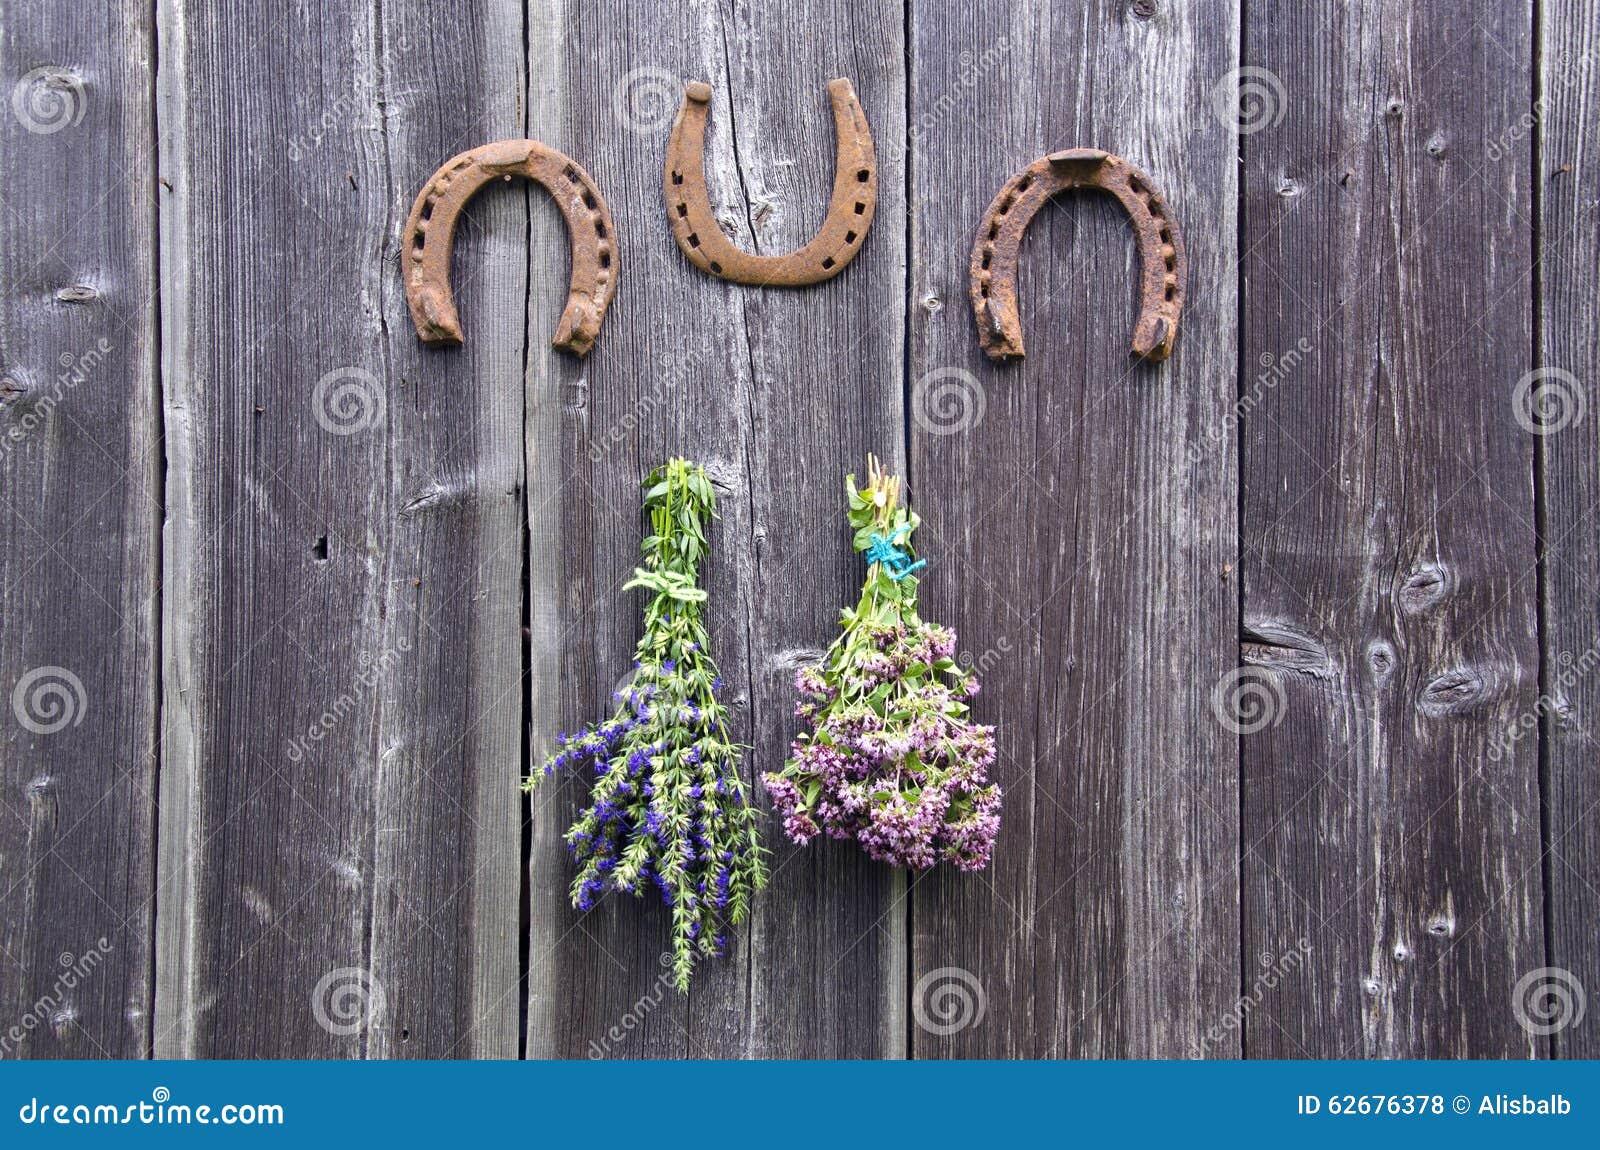 Zwei Bündel Oregano- und Ysopkräuter und drei Hufeisen auf Wand